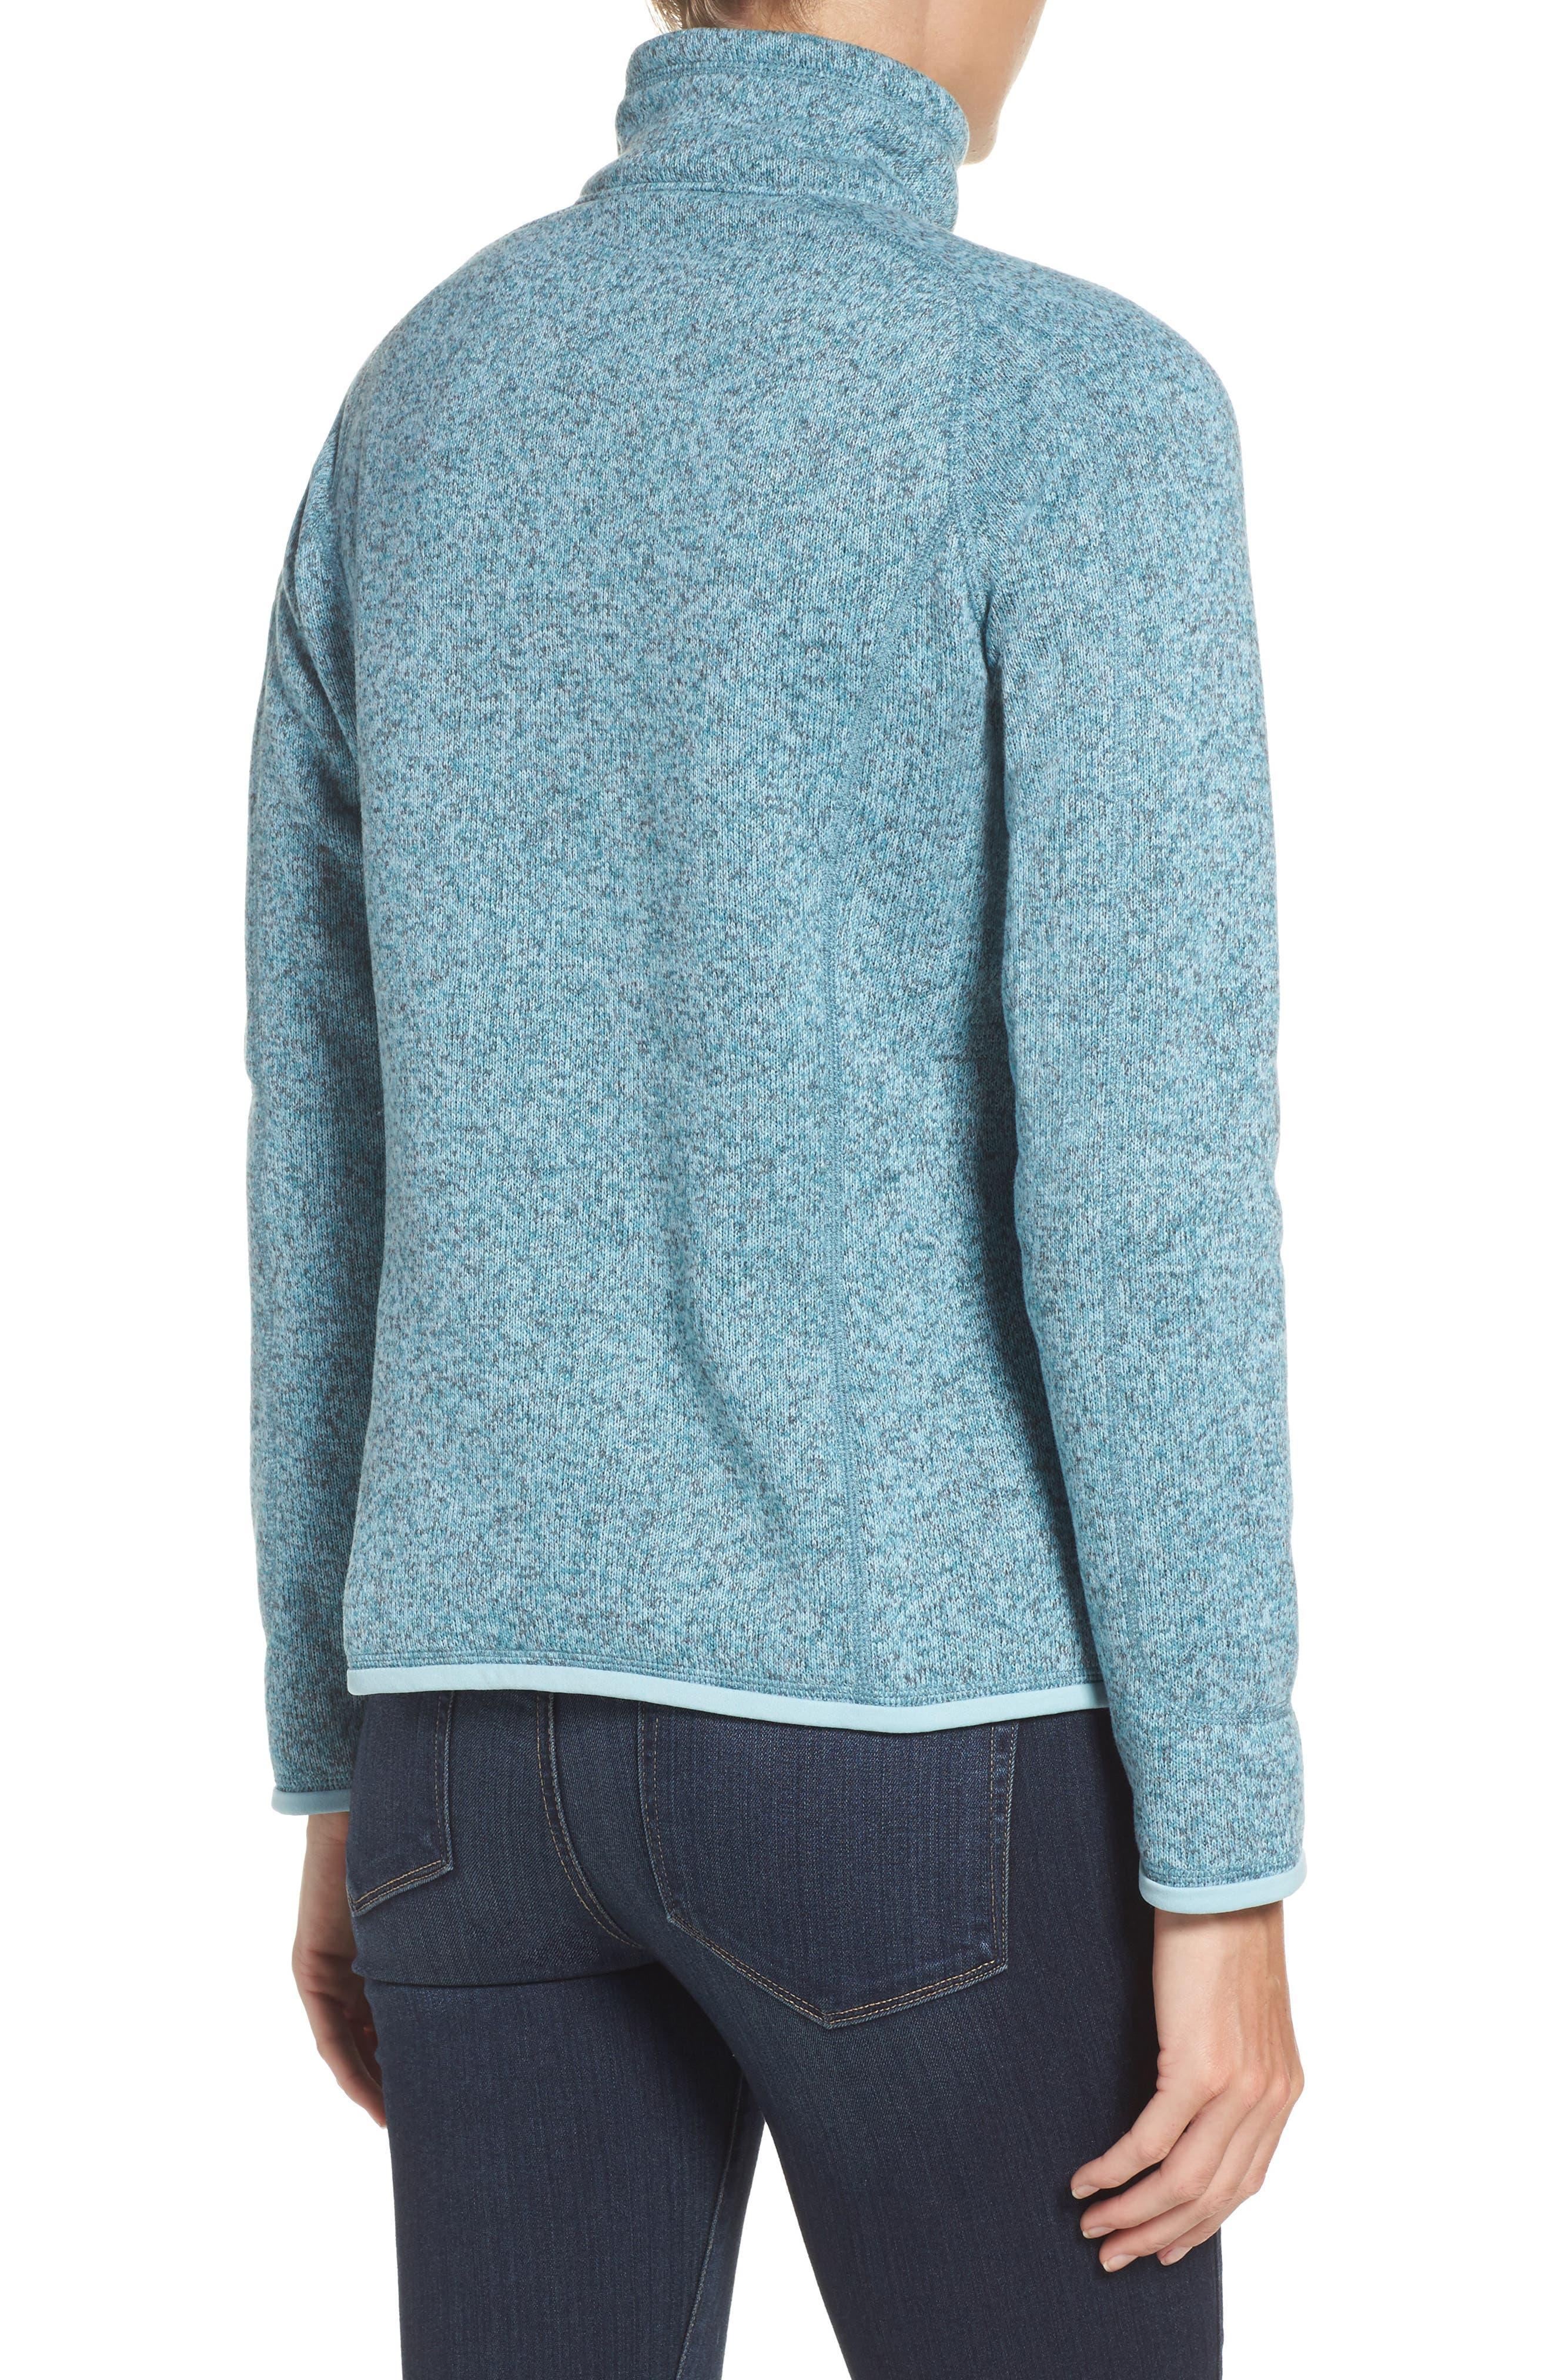 'Better Sweater' Zip Pullover,                             Alternate thumbnail 2, color,                             Tubular Blue W/ Crevasse Blue